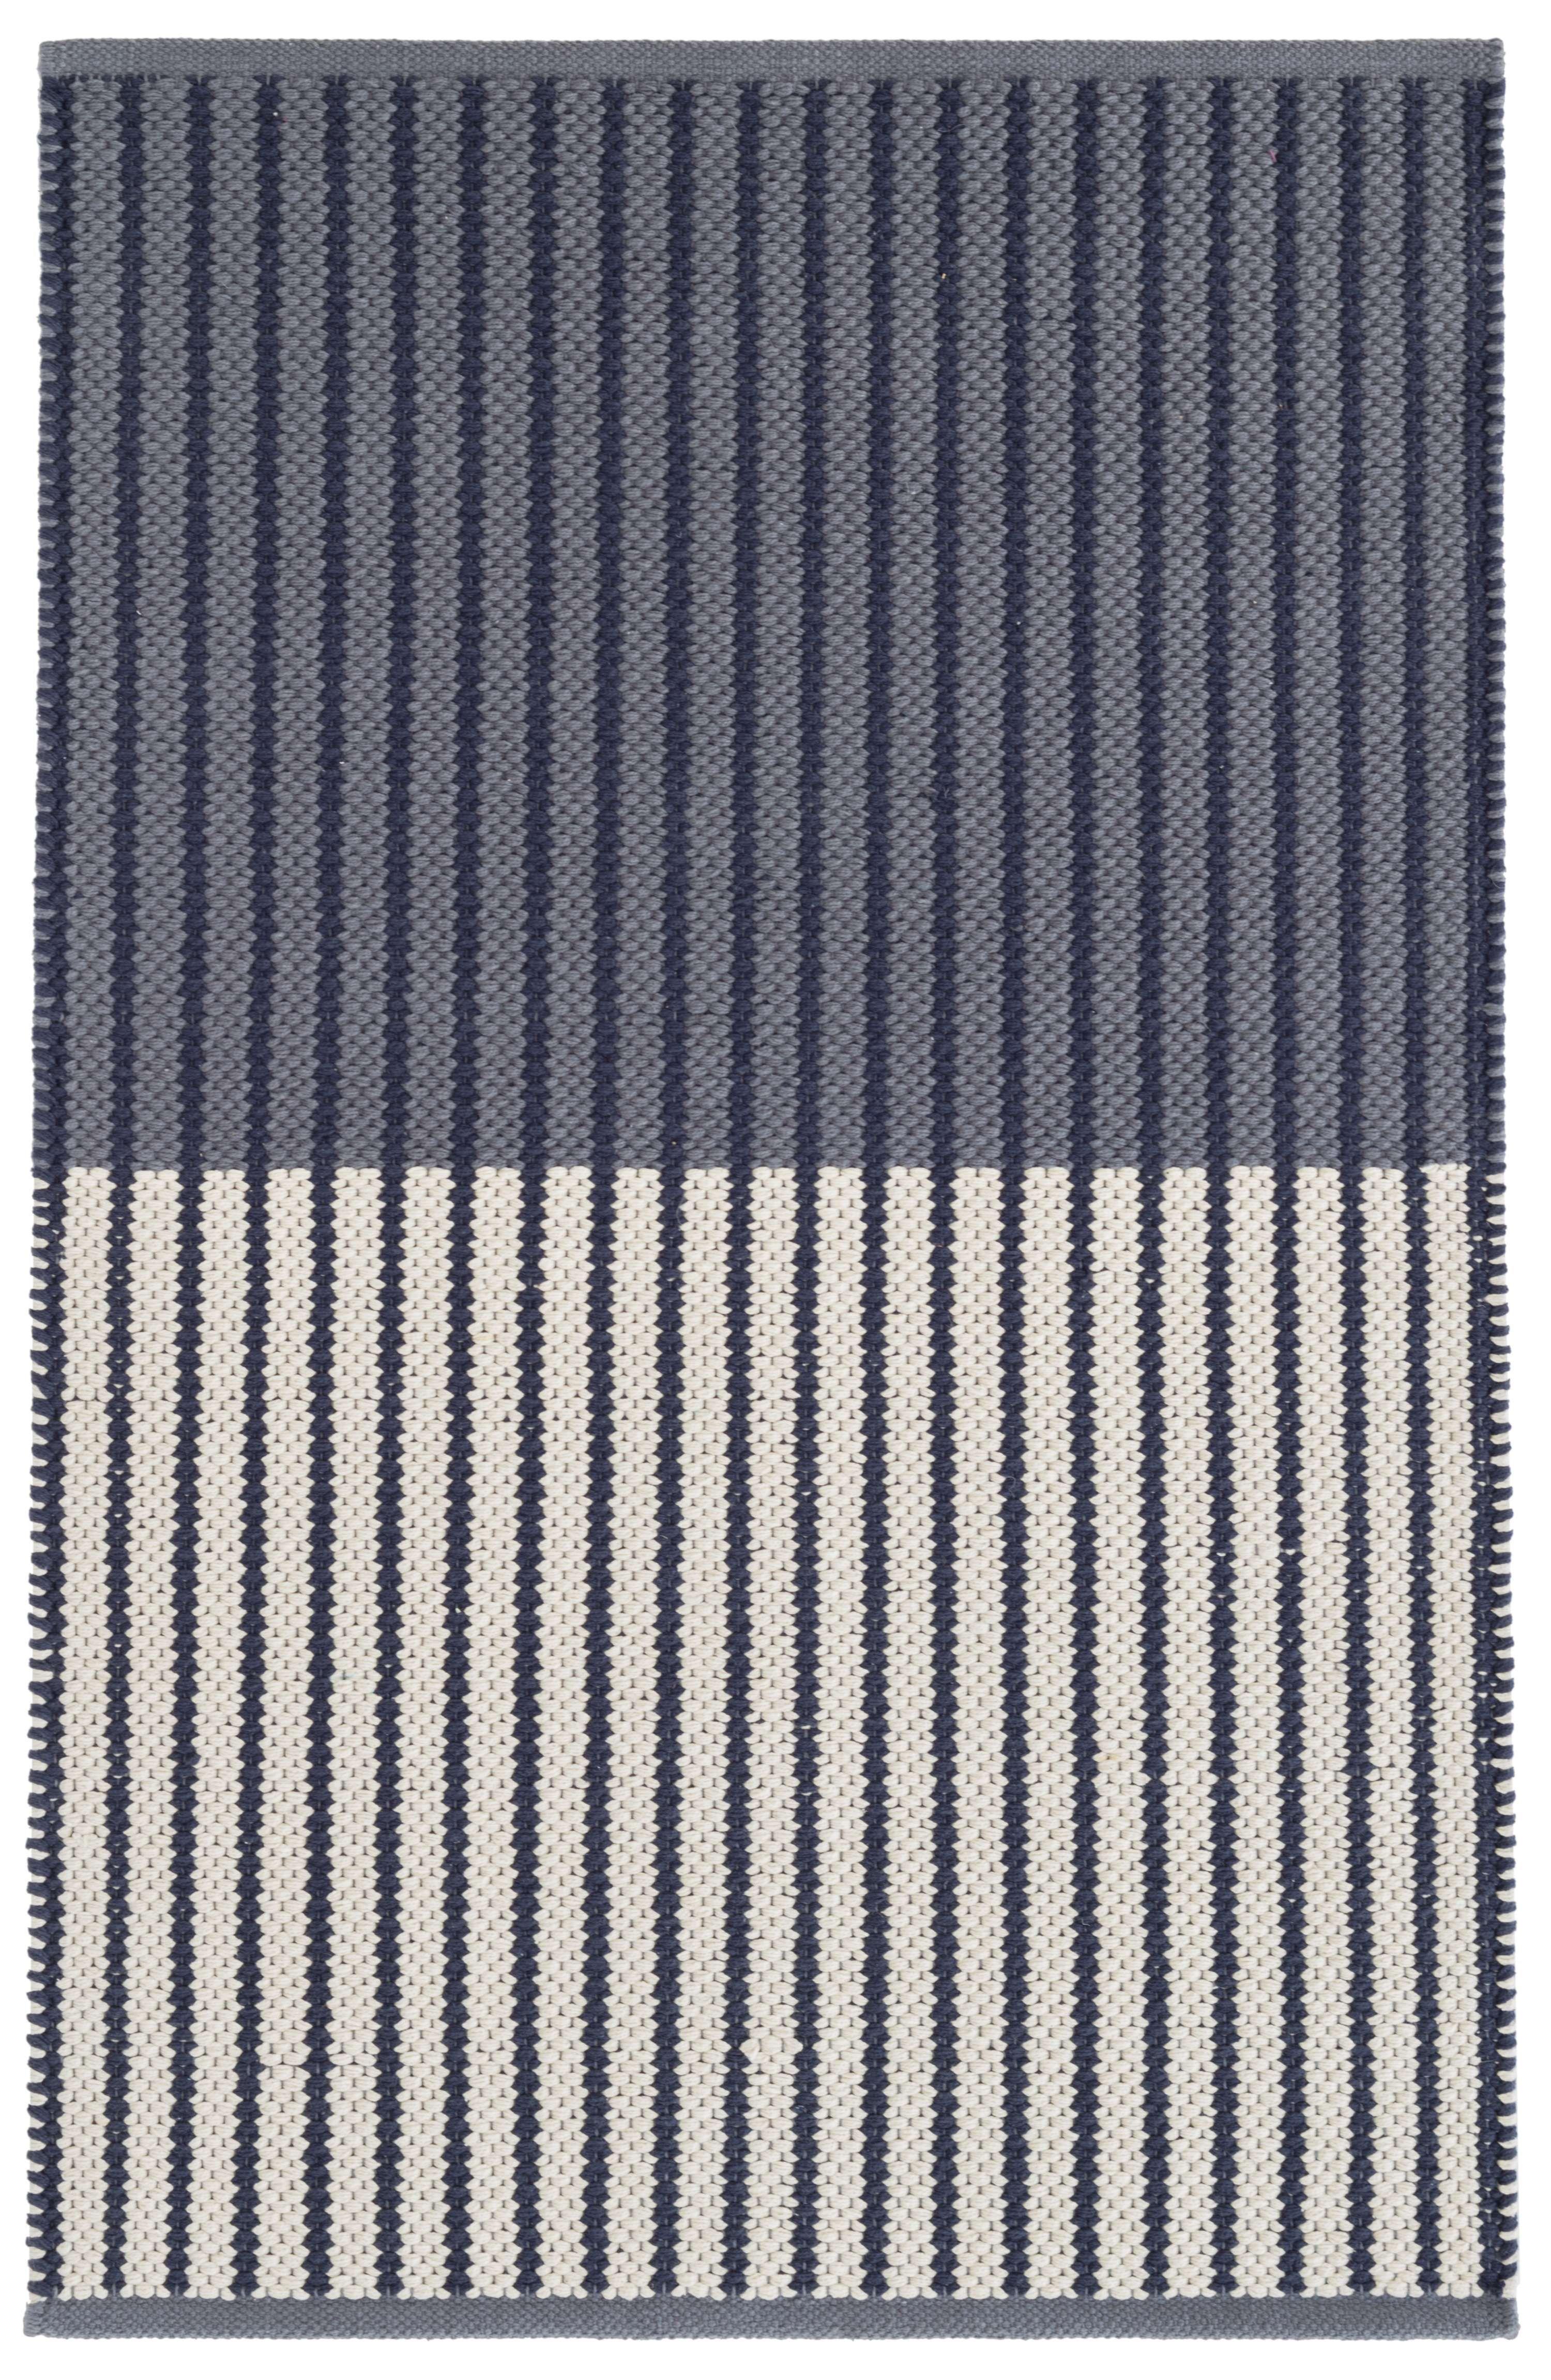 Graham Navy Woven Cotton Rug Cotton Rug Navy Cotton Rug Rug Shopping